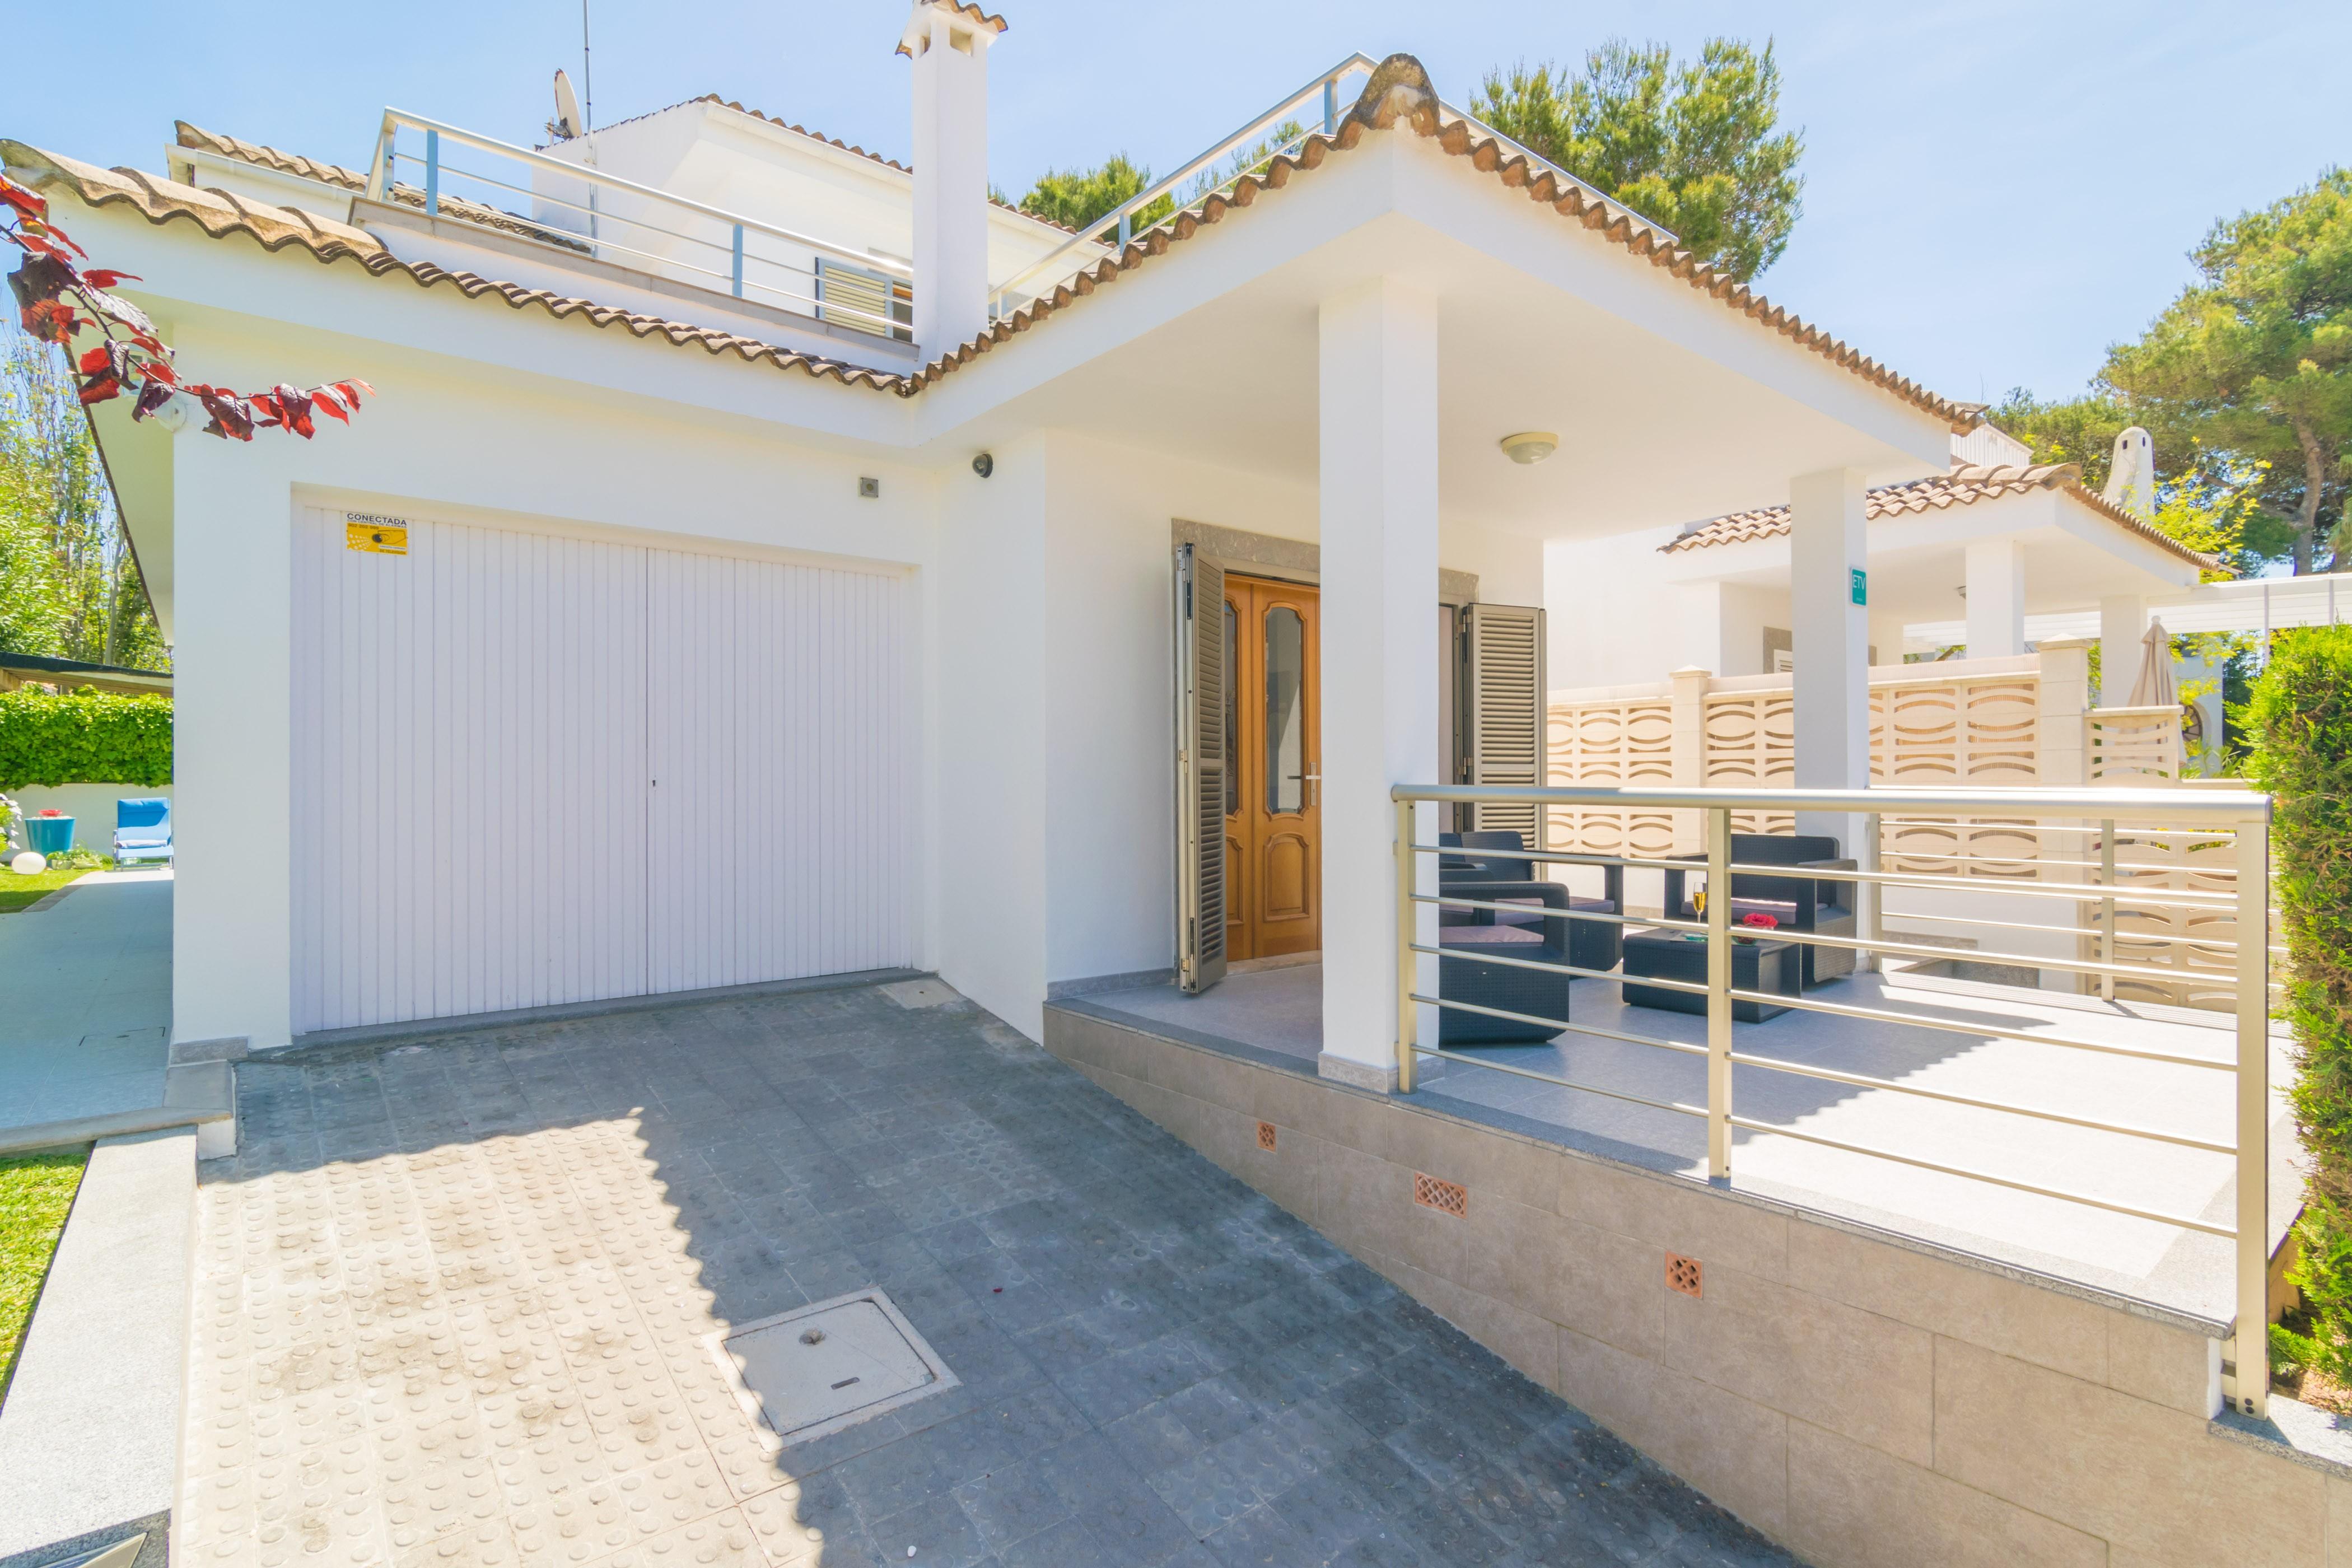 Ferienhaus VILLA ISABEL (1871702), Platja de Muro, Mallorca, Balearische Inseln, Spanien, Bild 43